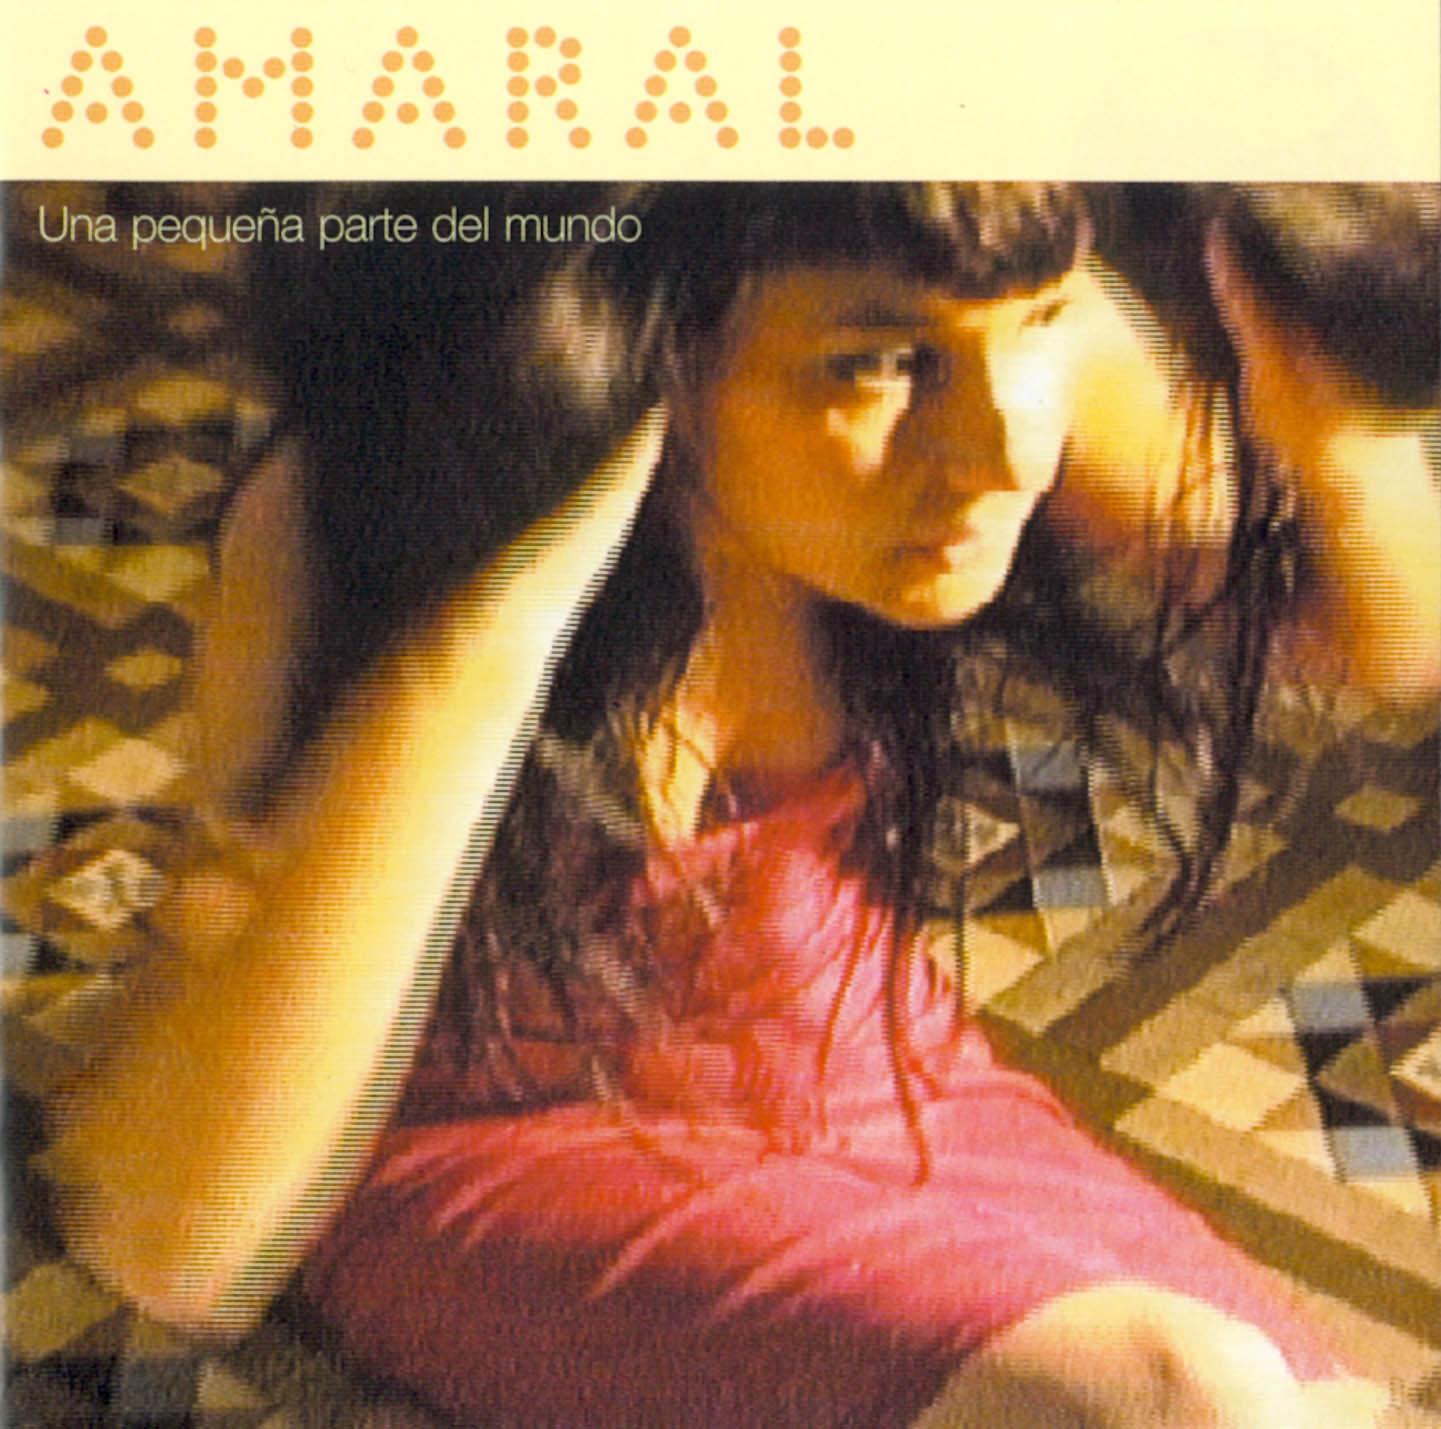 Discografía Amaral 320 Kbps Mega Latornamesa